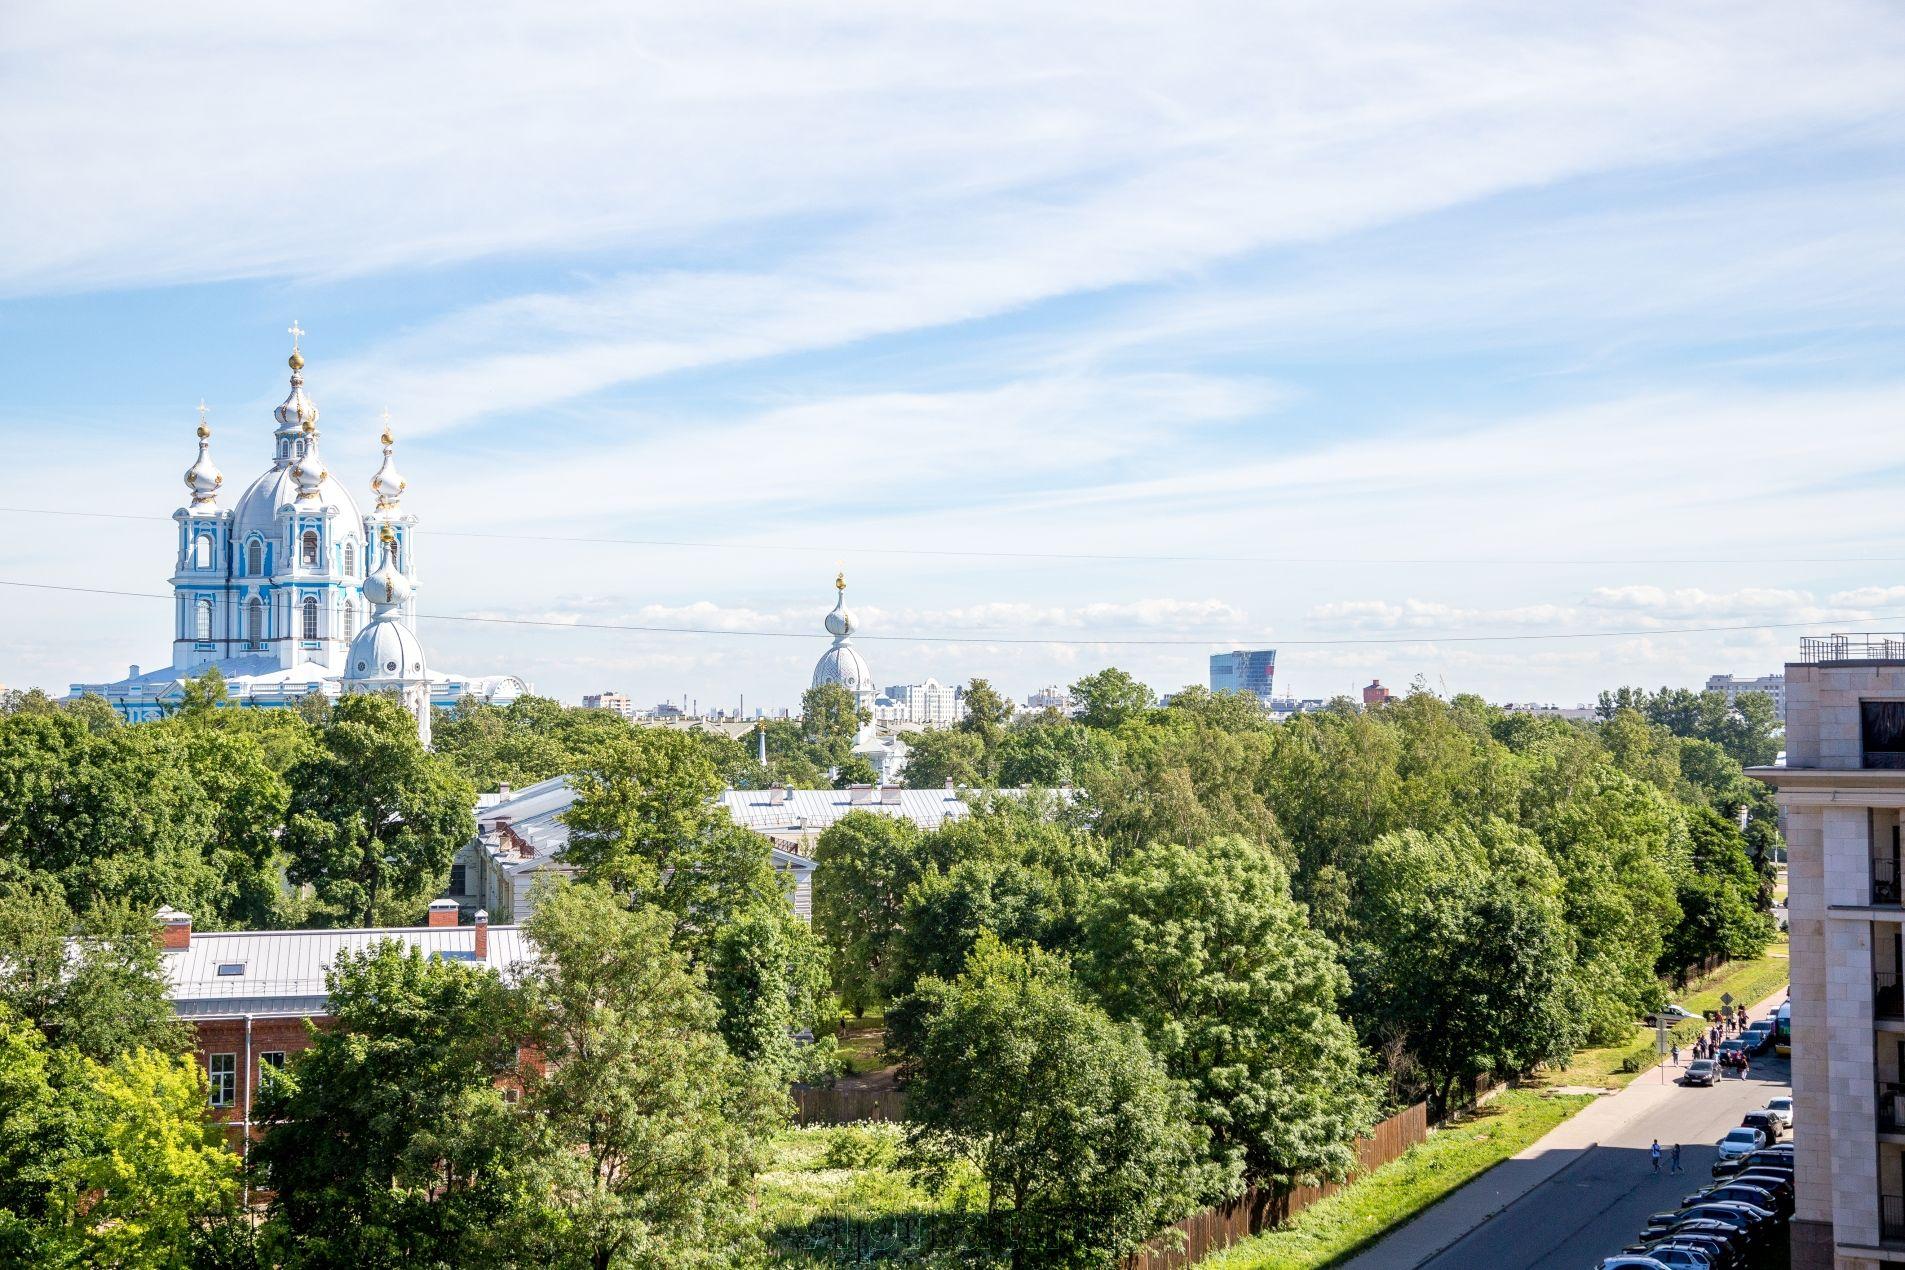 Продажа элитных квартир Санкт-Петербурга. Орловская ул, 1 Смольный собор из Ваших окон